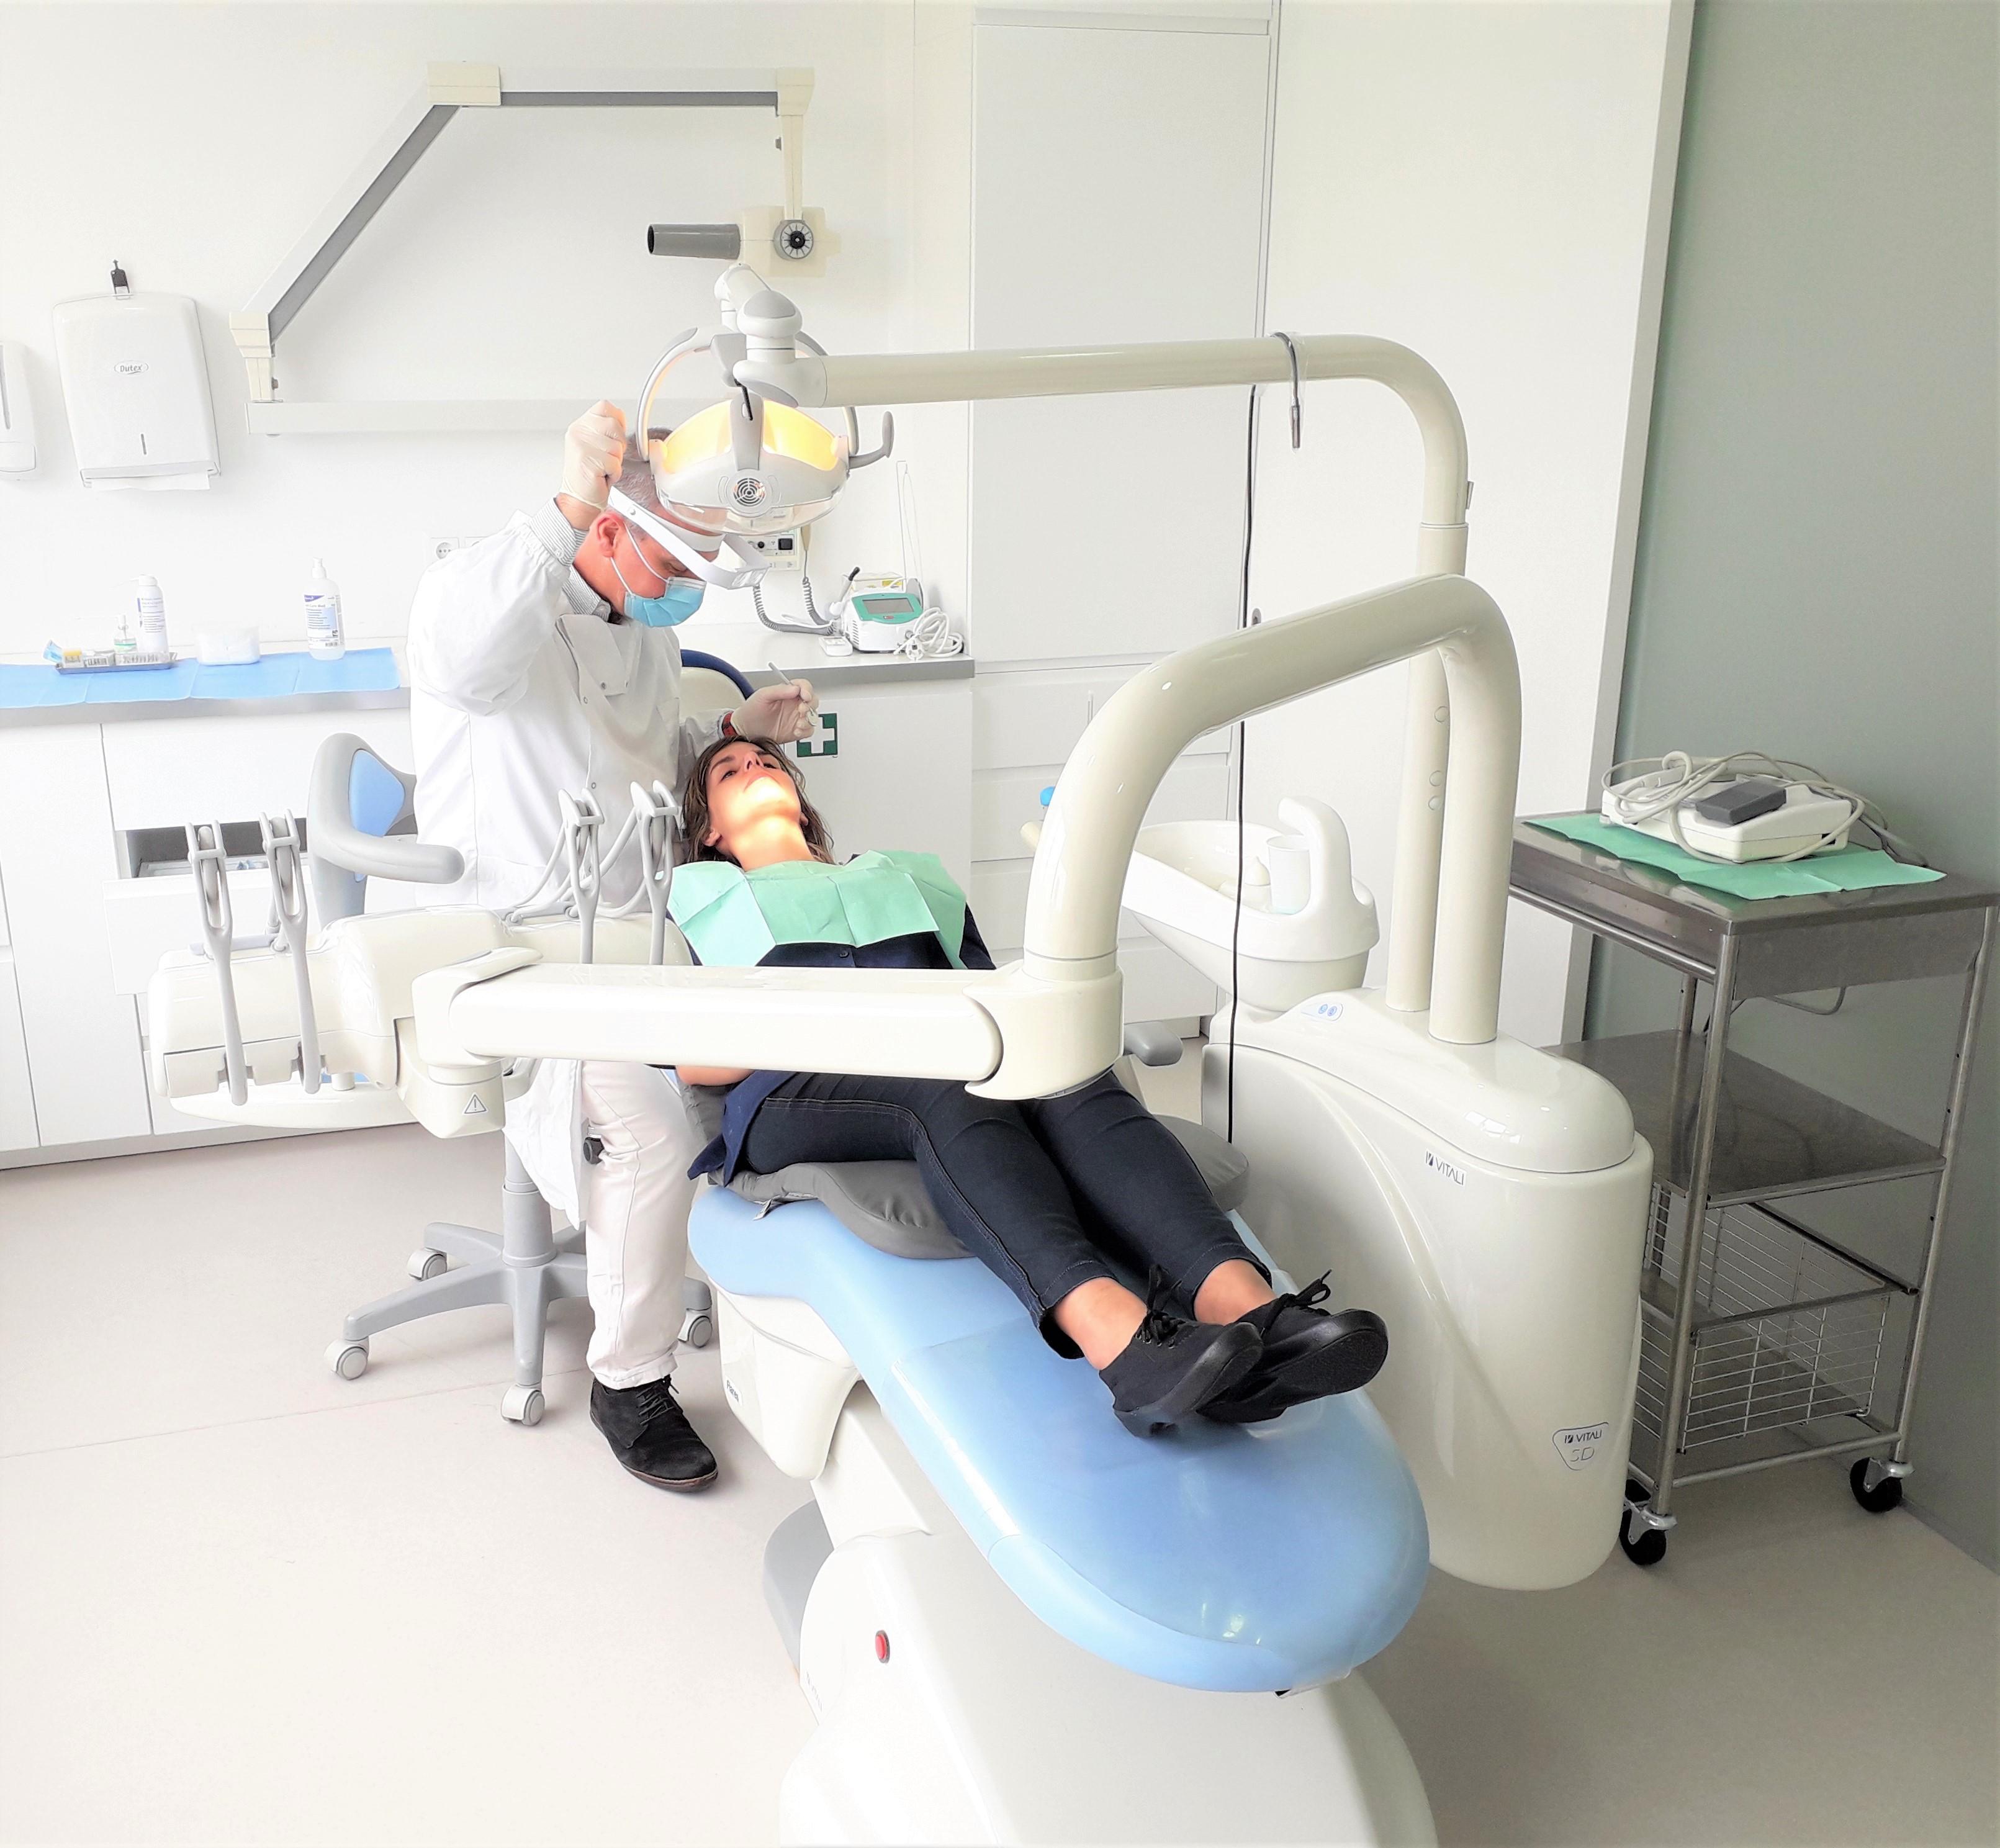 O dentista brasileiro José Pedro em foto de arquivo: trabalhou na África e está em Portugal